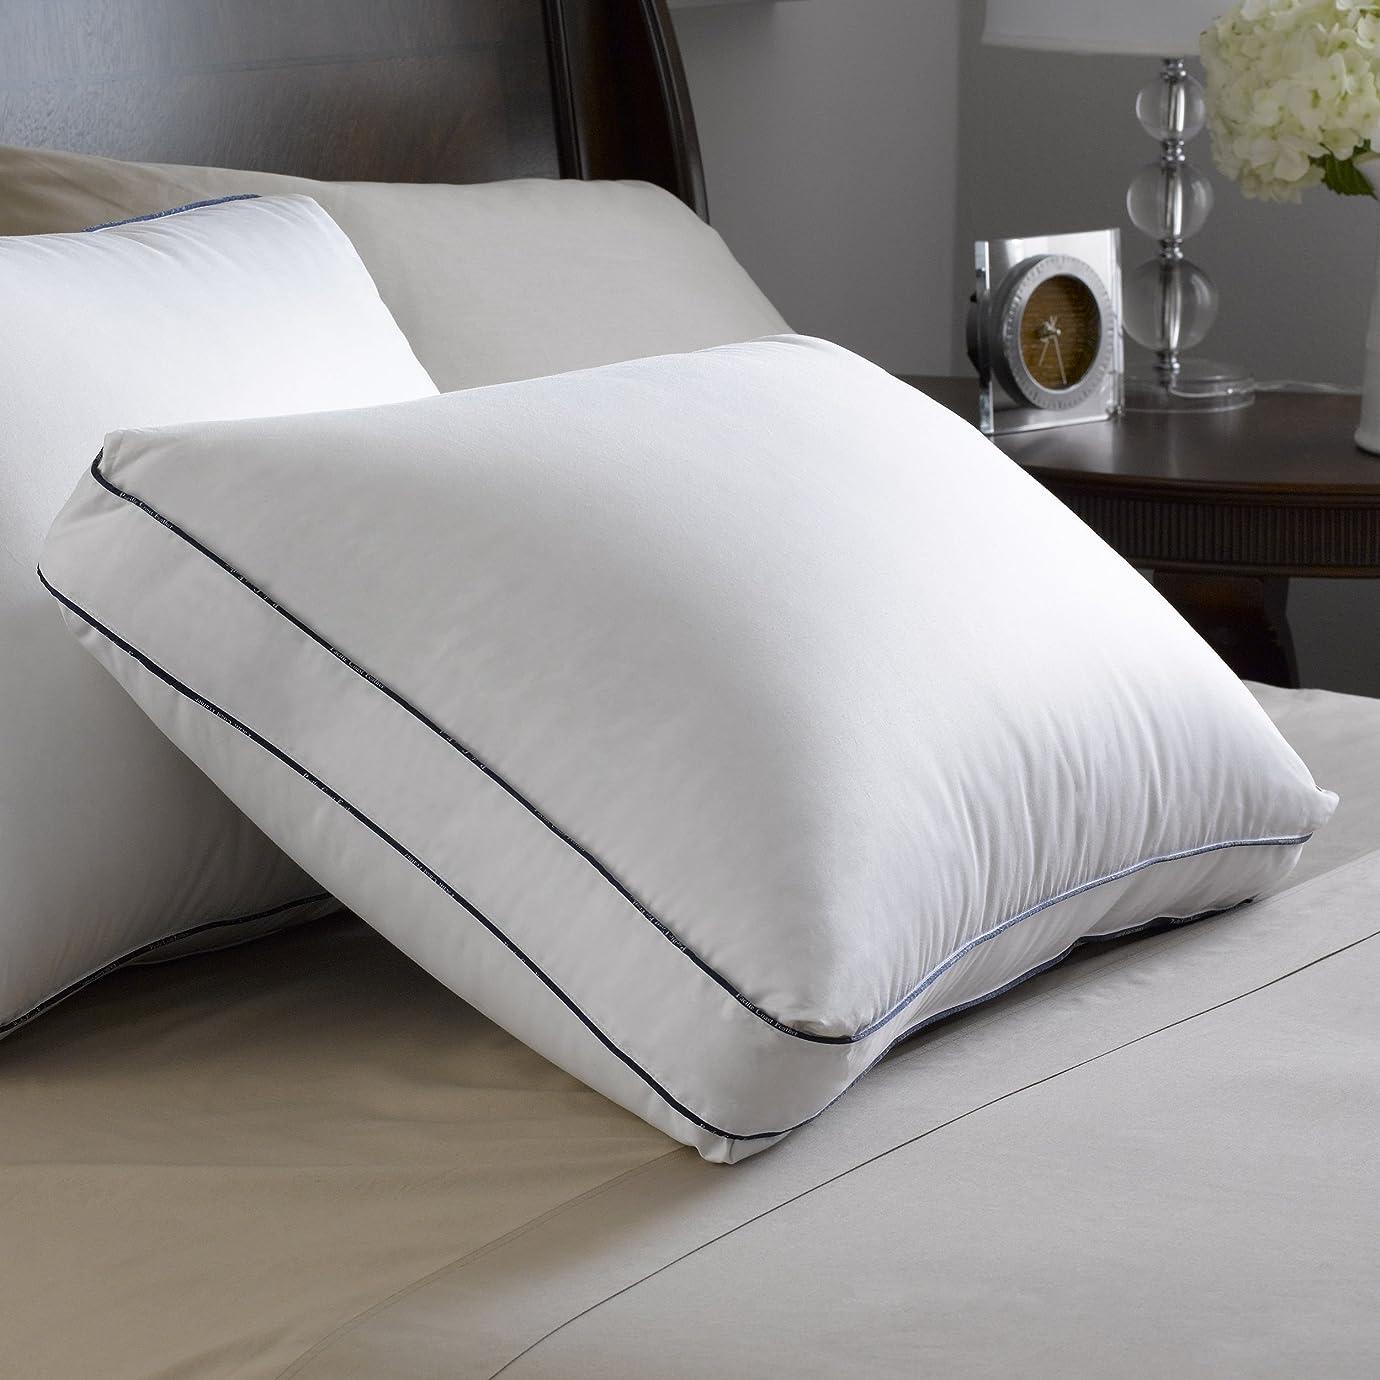 からに変化するケントリースPacific Coast高級枕(アレルギーフリー?–?超クリーンなGoose Down、エジプト綿生地バリア織り、SuperLoftデザインで2インチマチ付き) Standard [Set of 10] ホワイト 03062017-24817